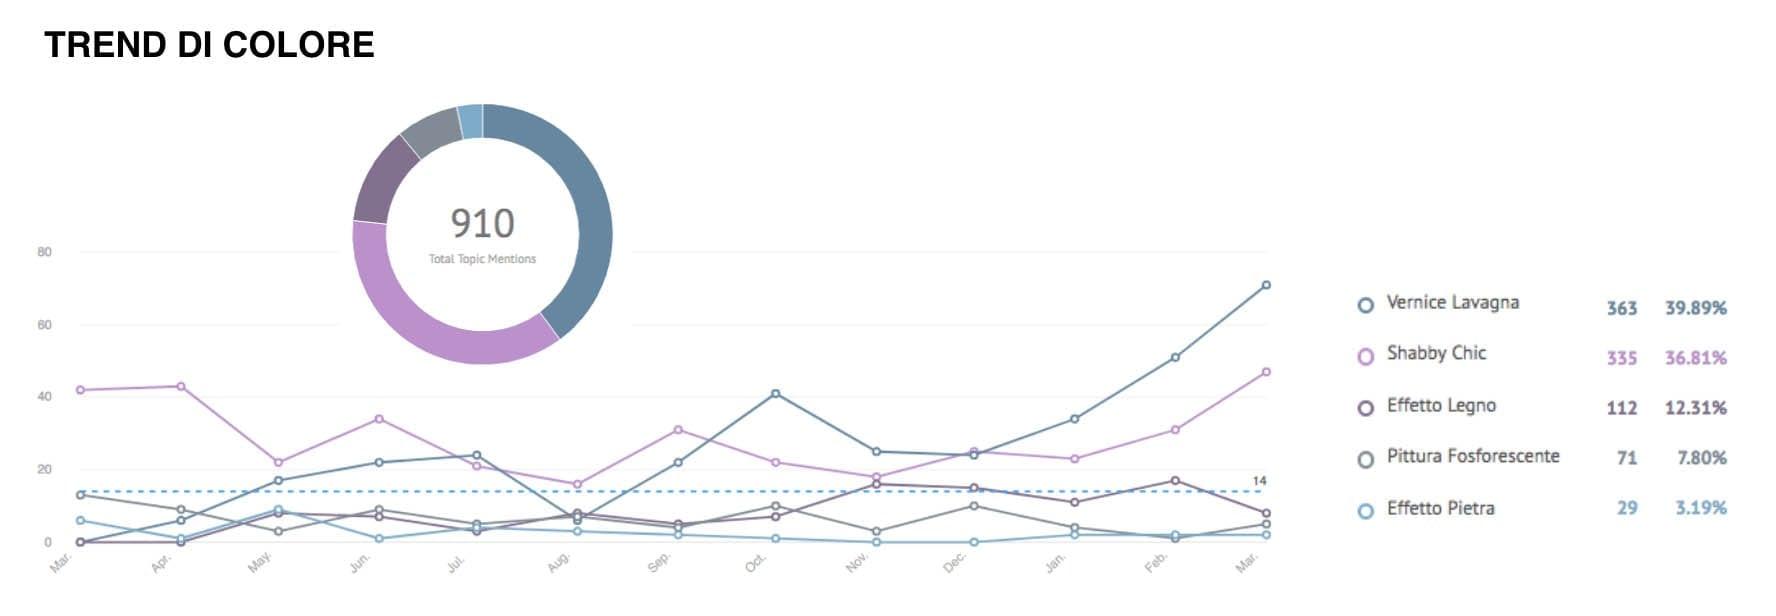 trend vernici - ricerche di mercato